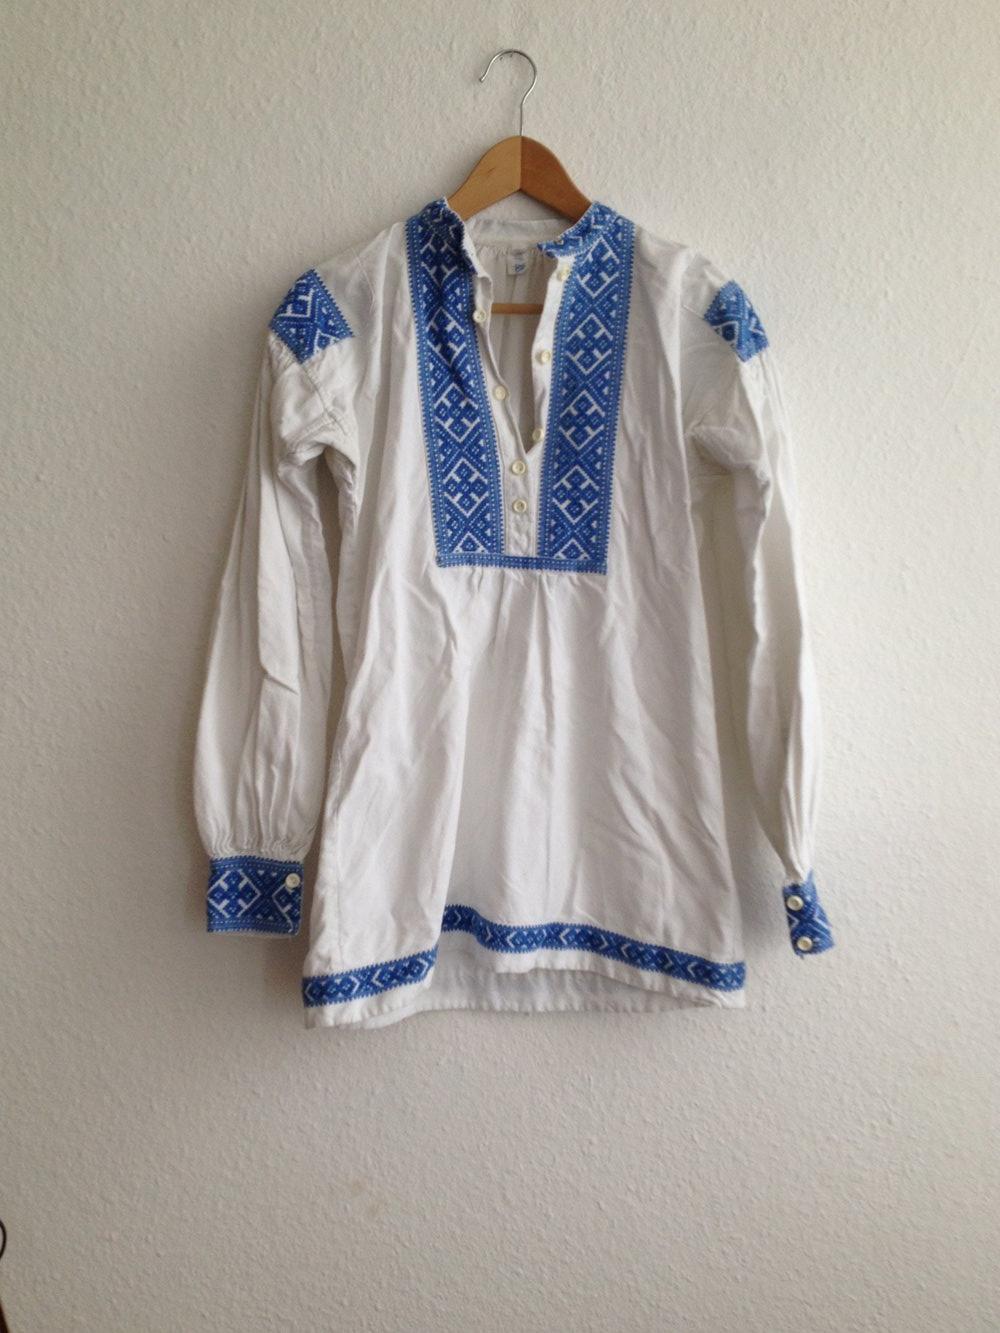 ganz nett Geschäft moderate Kosten Original Vintage Tunika Tunika Kleid Strandkleid Blau Weiß Stickerei Hippie  Folklore Ethno Boho Blogger Festival Surf